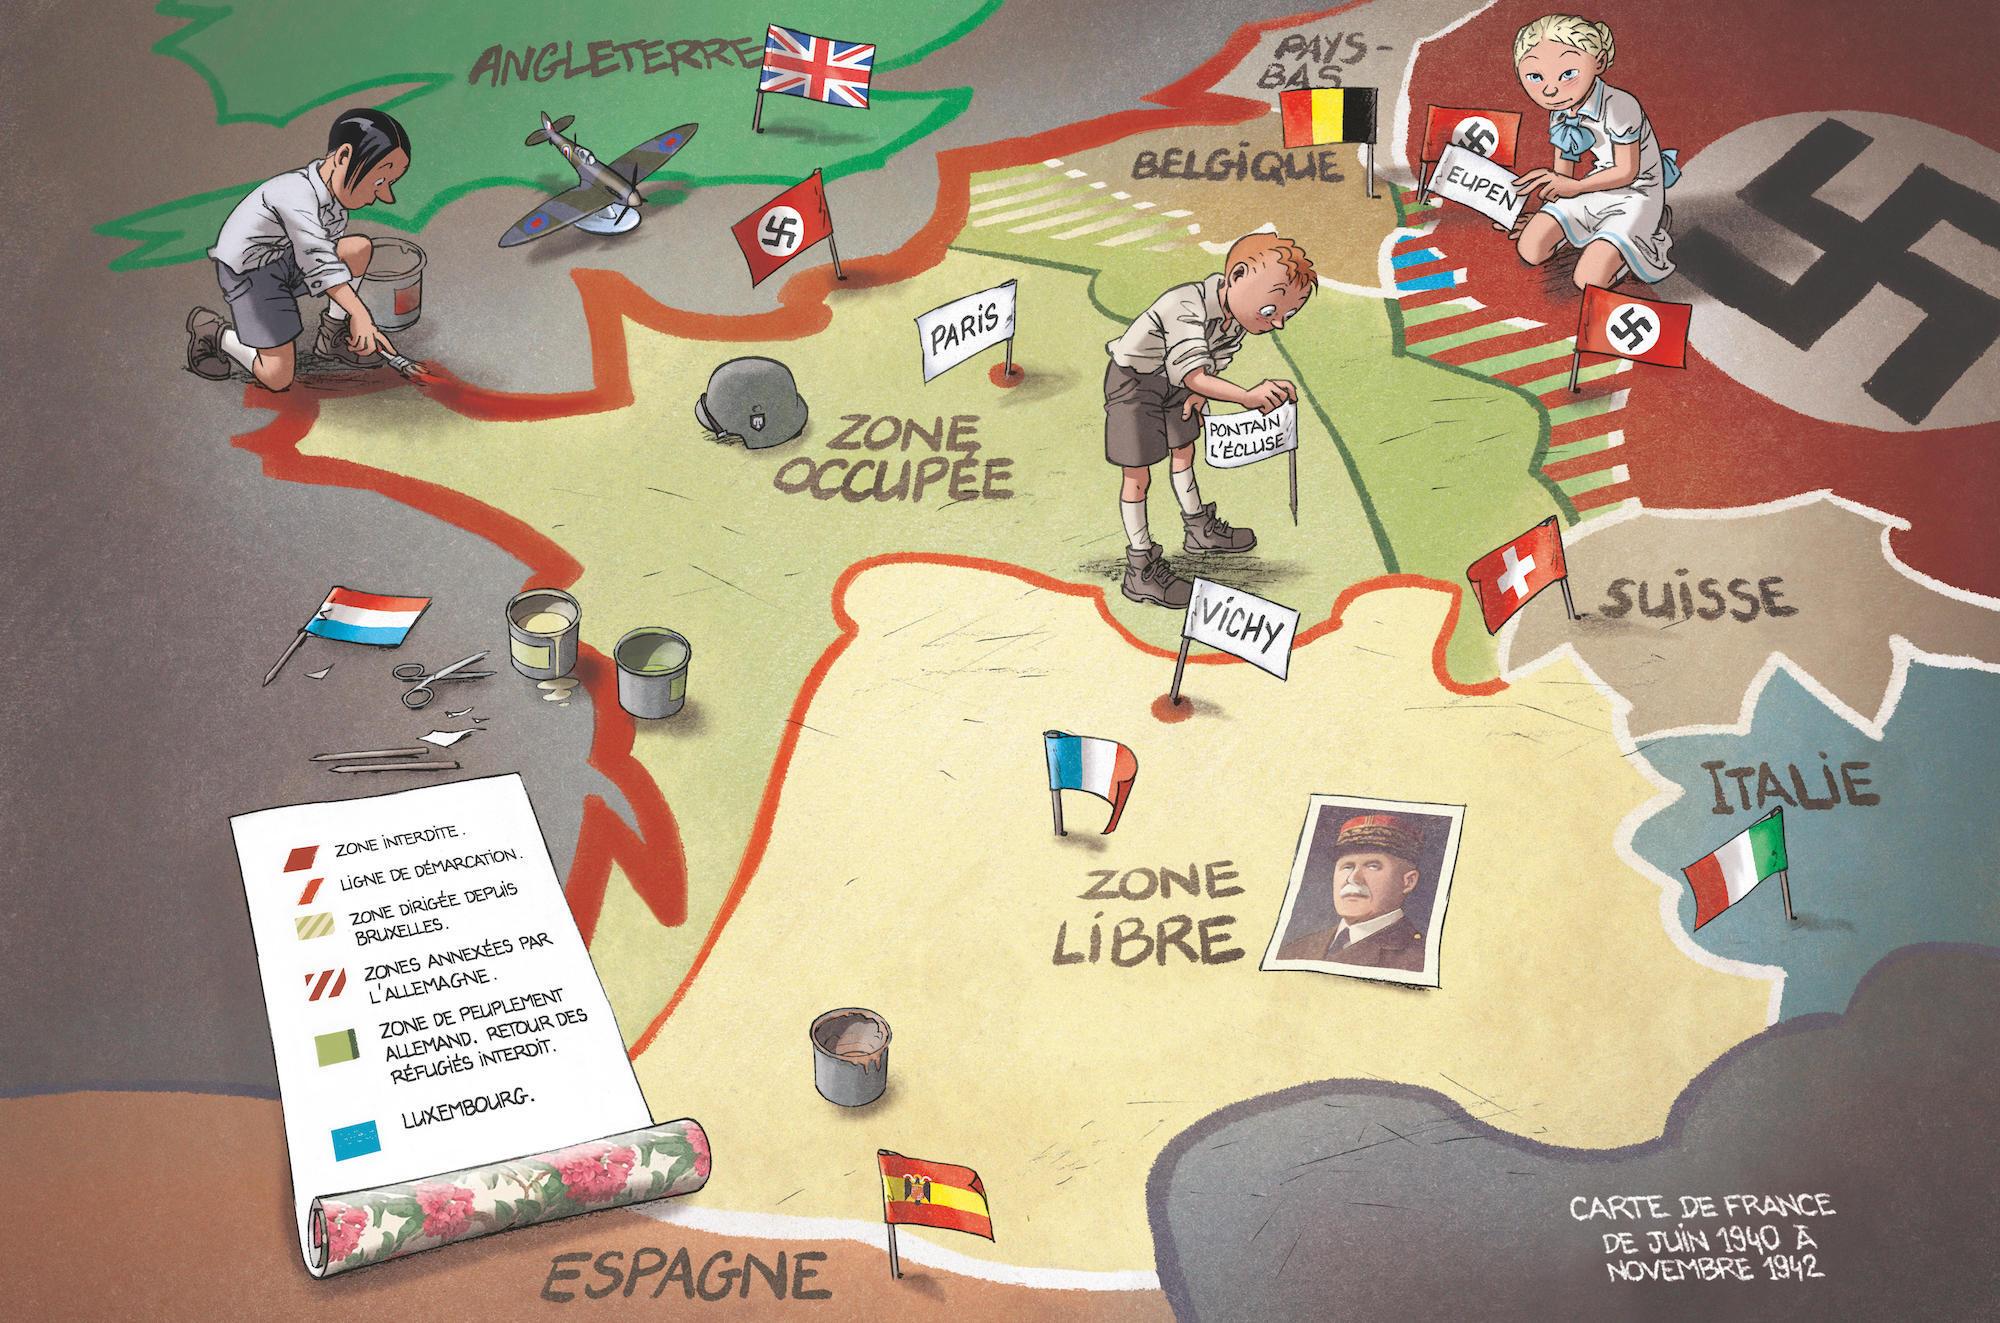 Concours - Remportez L'intégralité De La Série Les Enfants intérieur Carte De France Pour Les Enfants